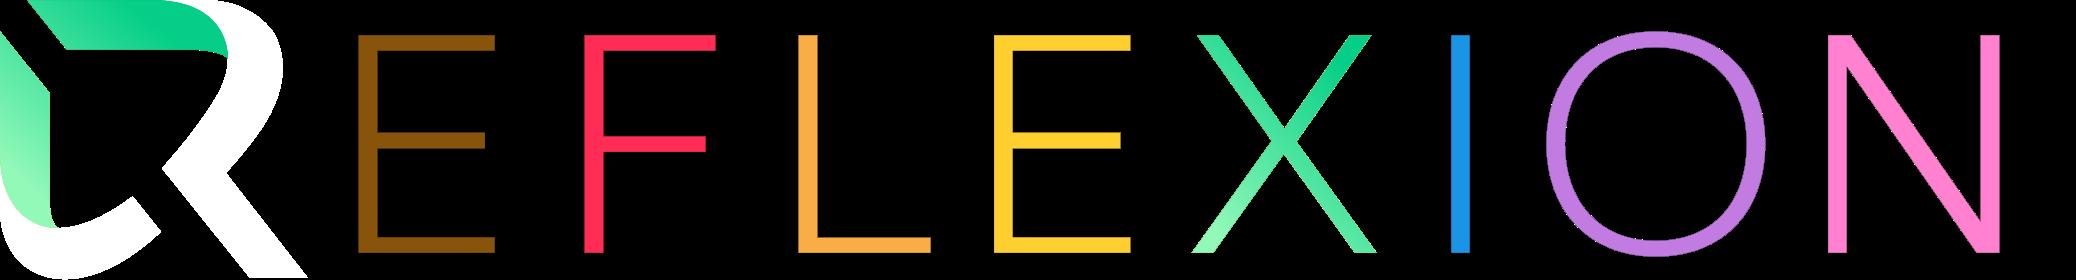 reflexion logo (pride variation)